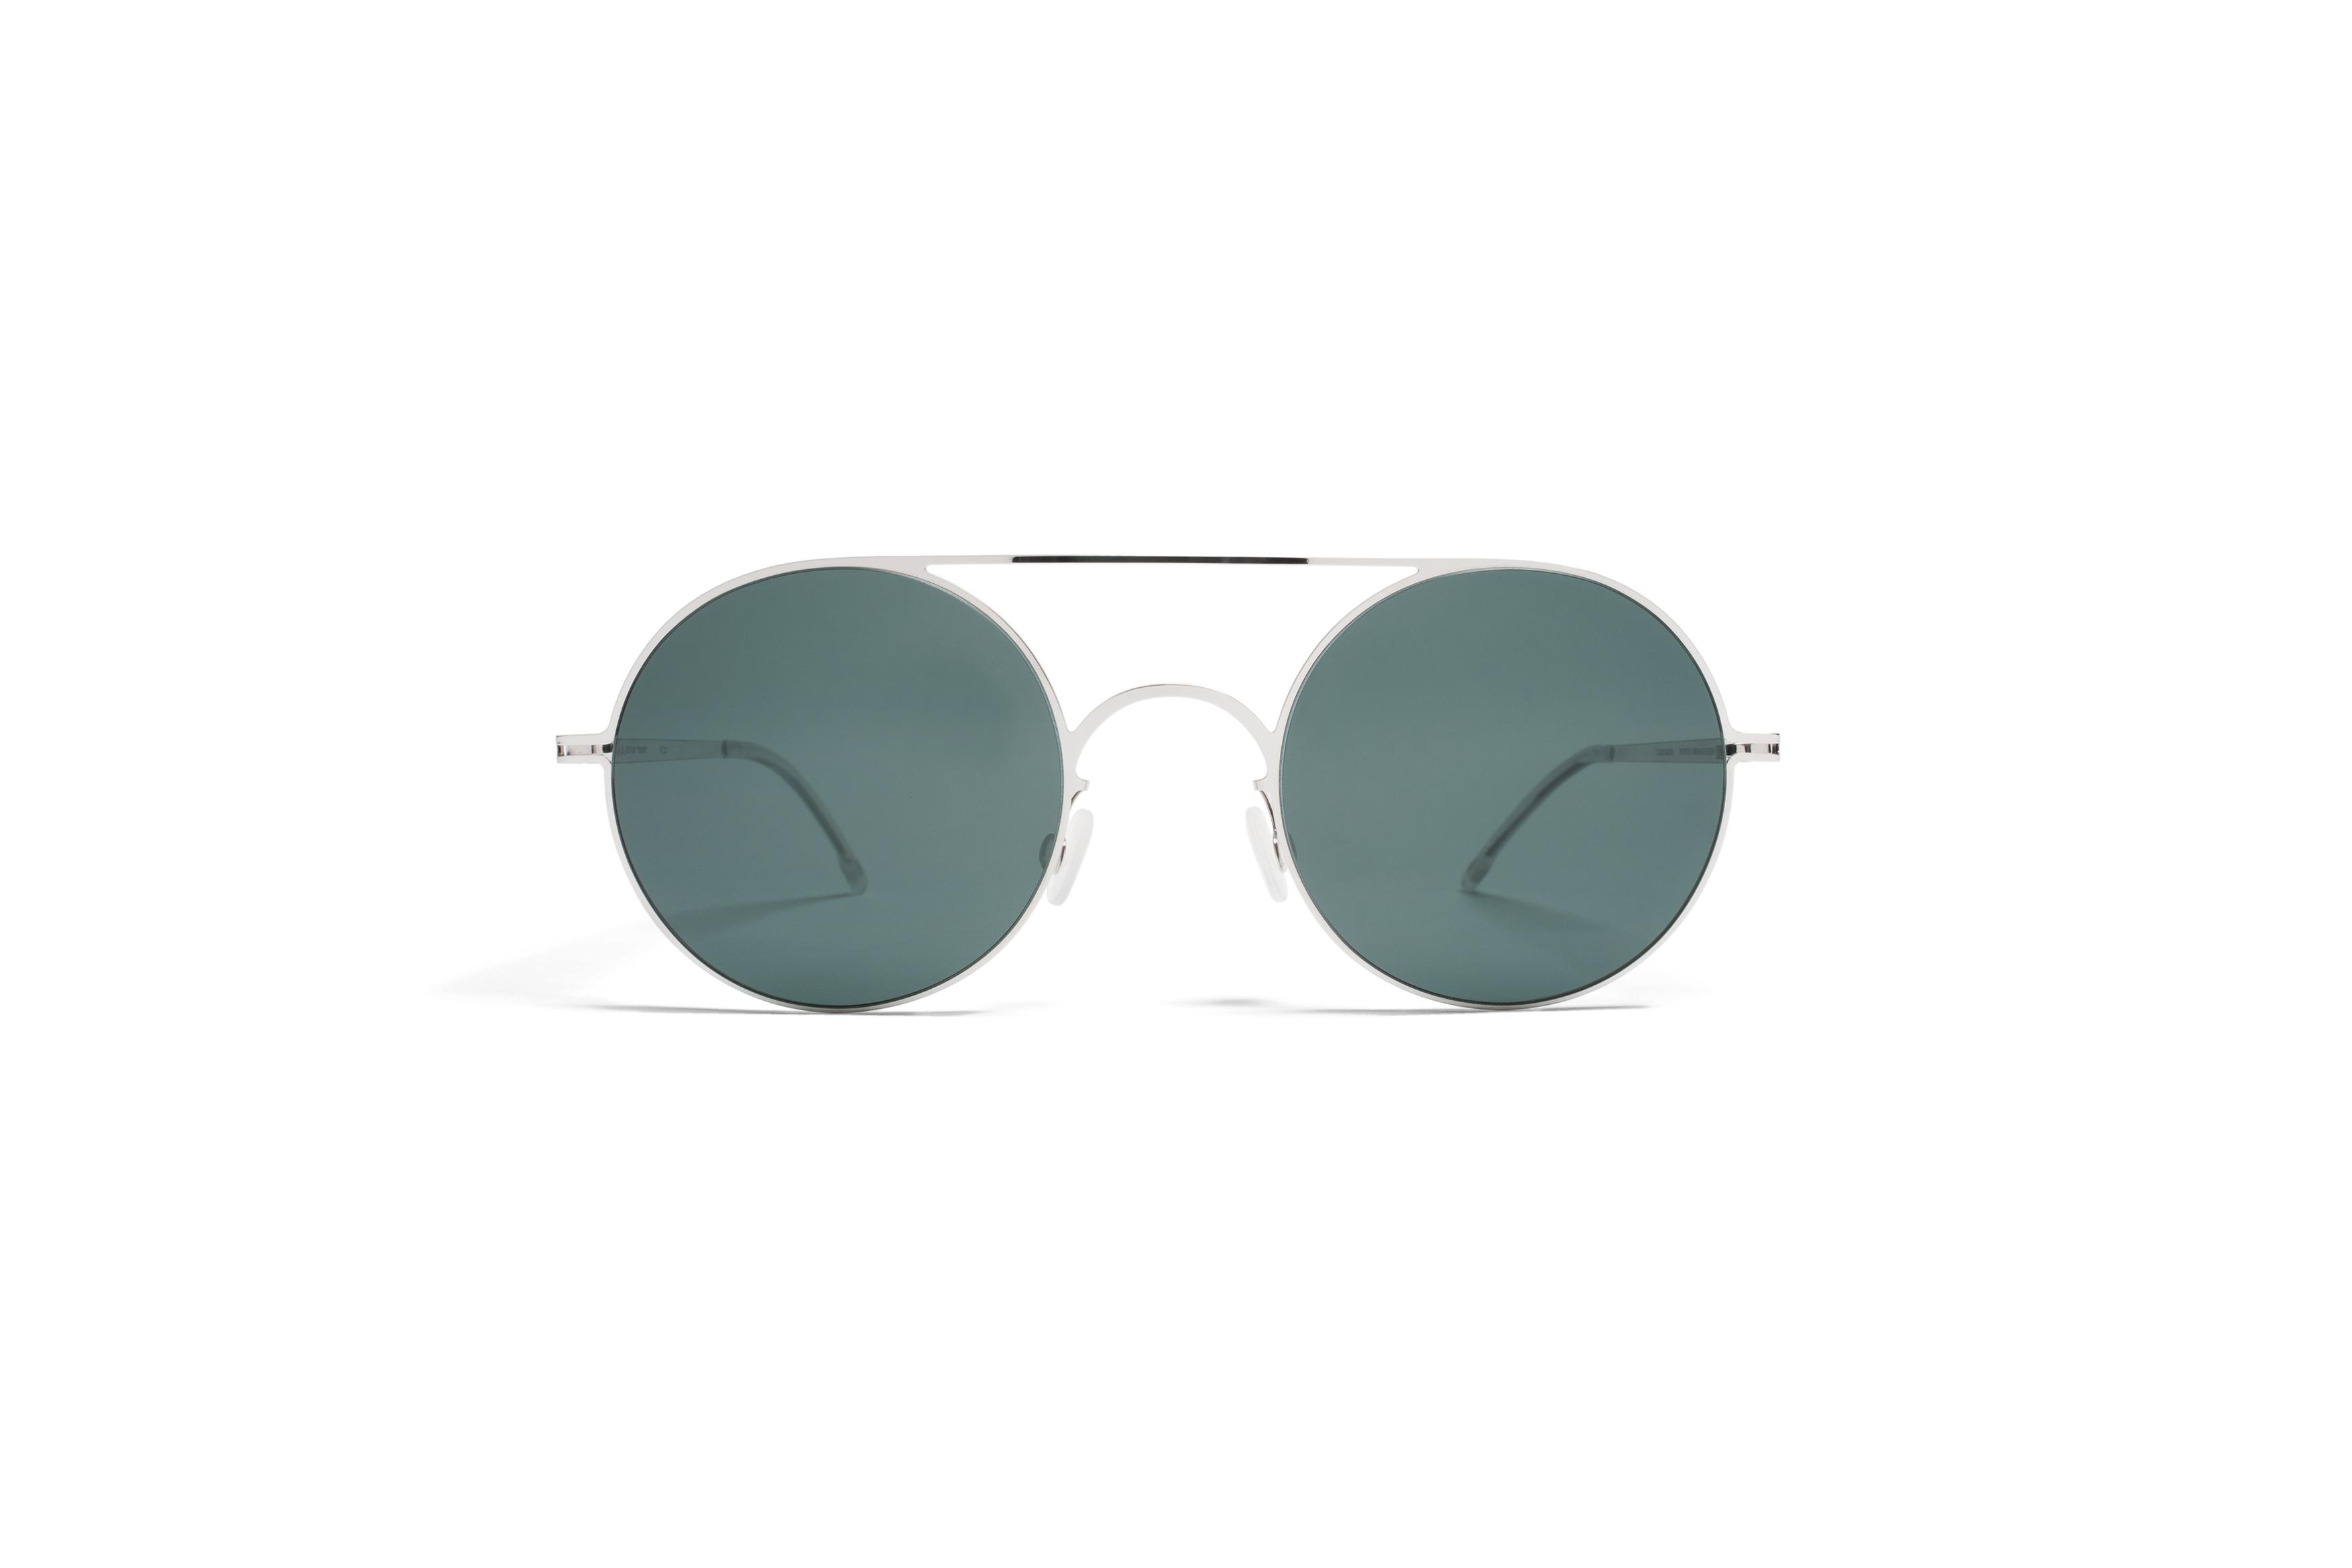 Mykita Round Sunglasses  mykita round frame sunglasses mykita round frame sunglasses